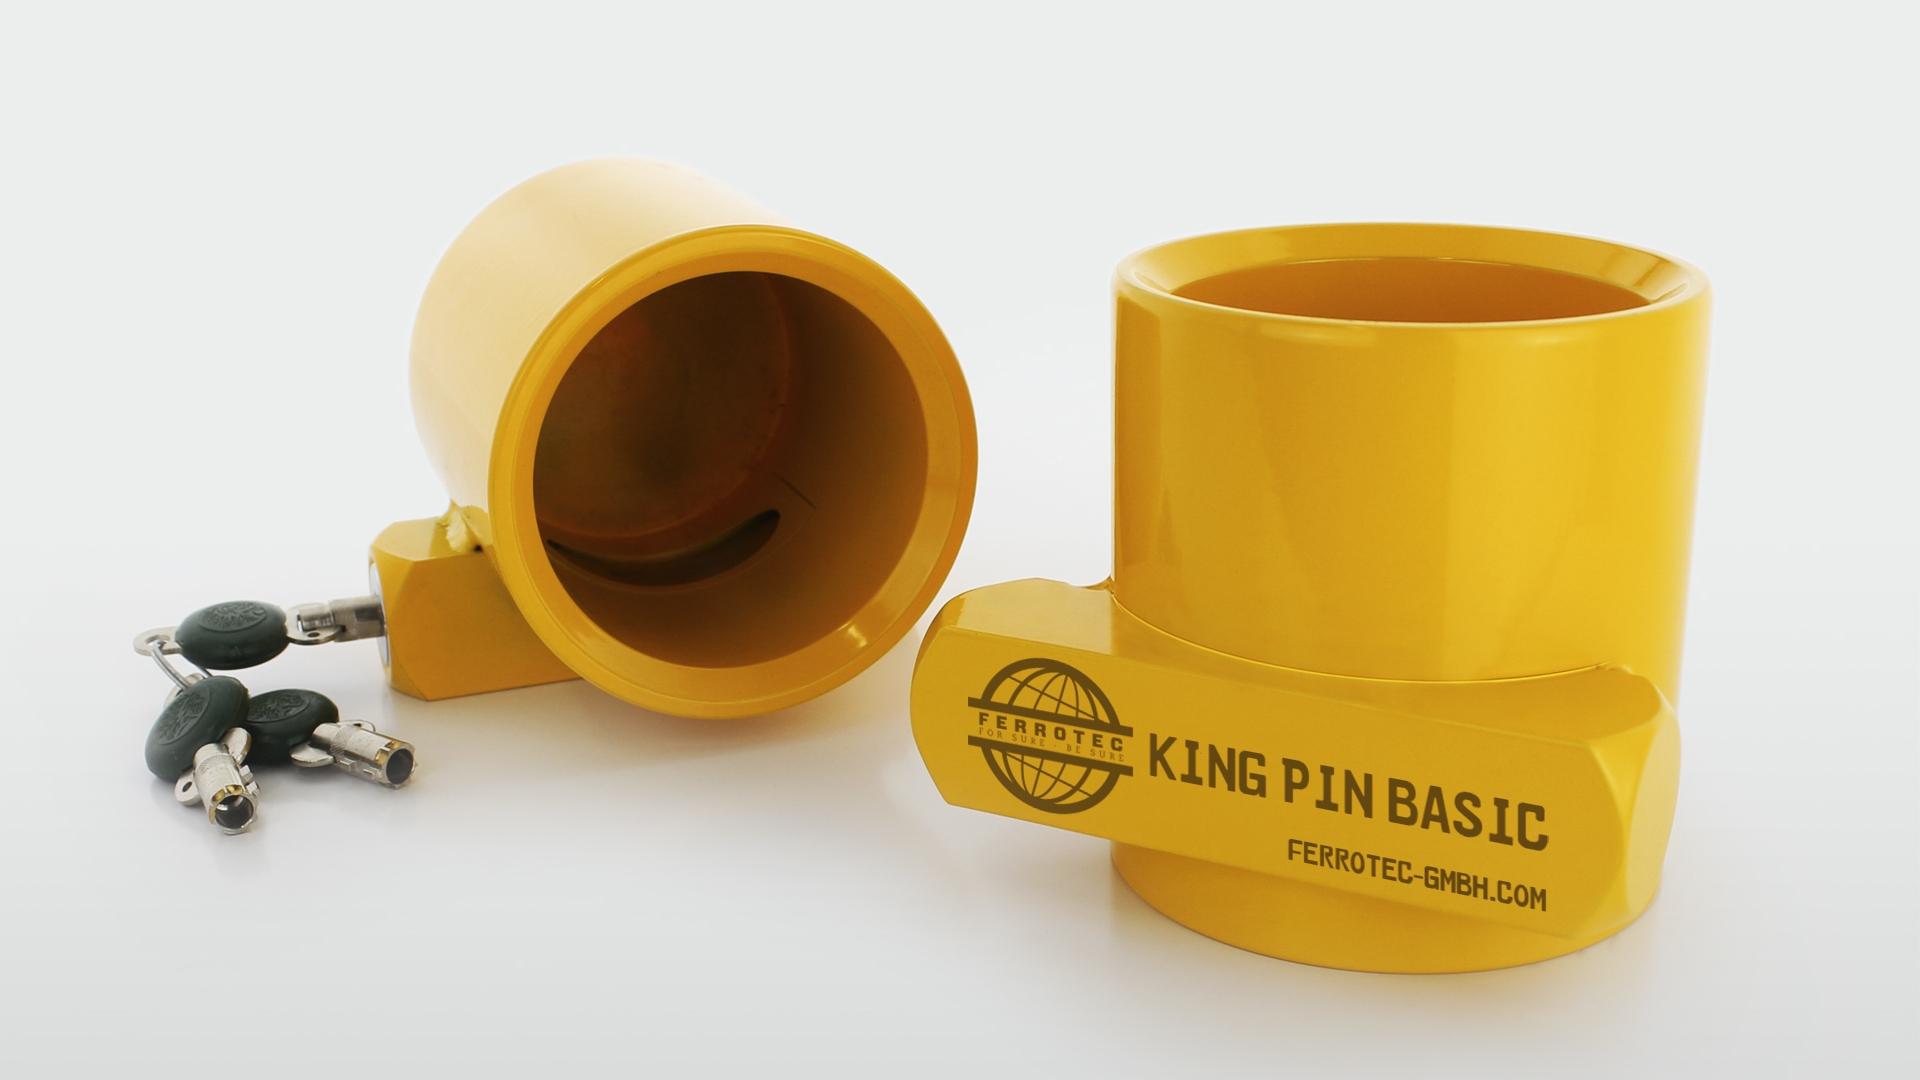 king_pin_basic_studio.jpg